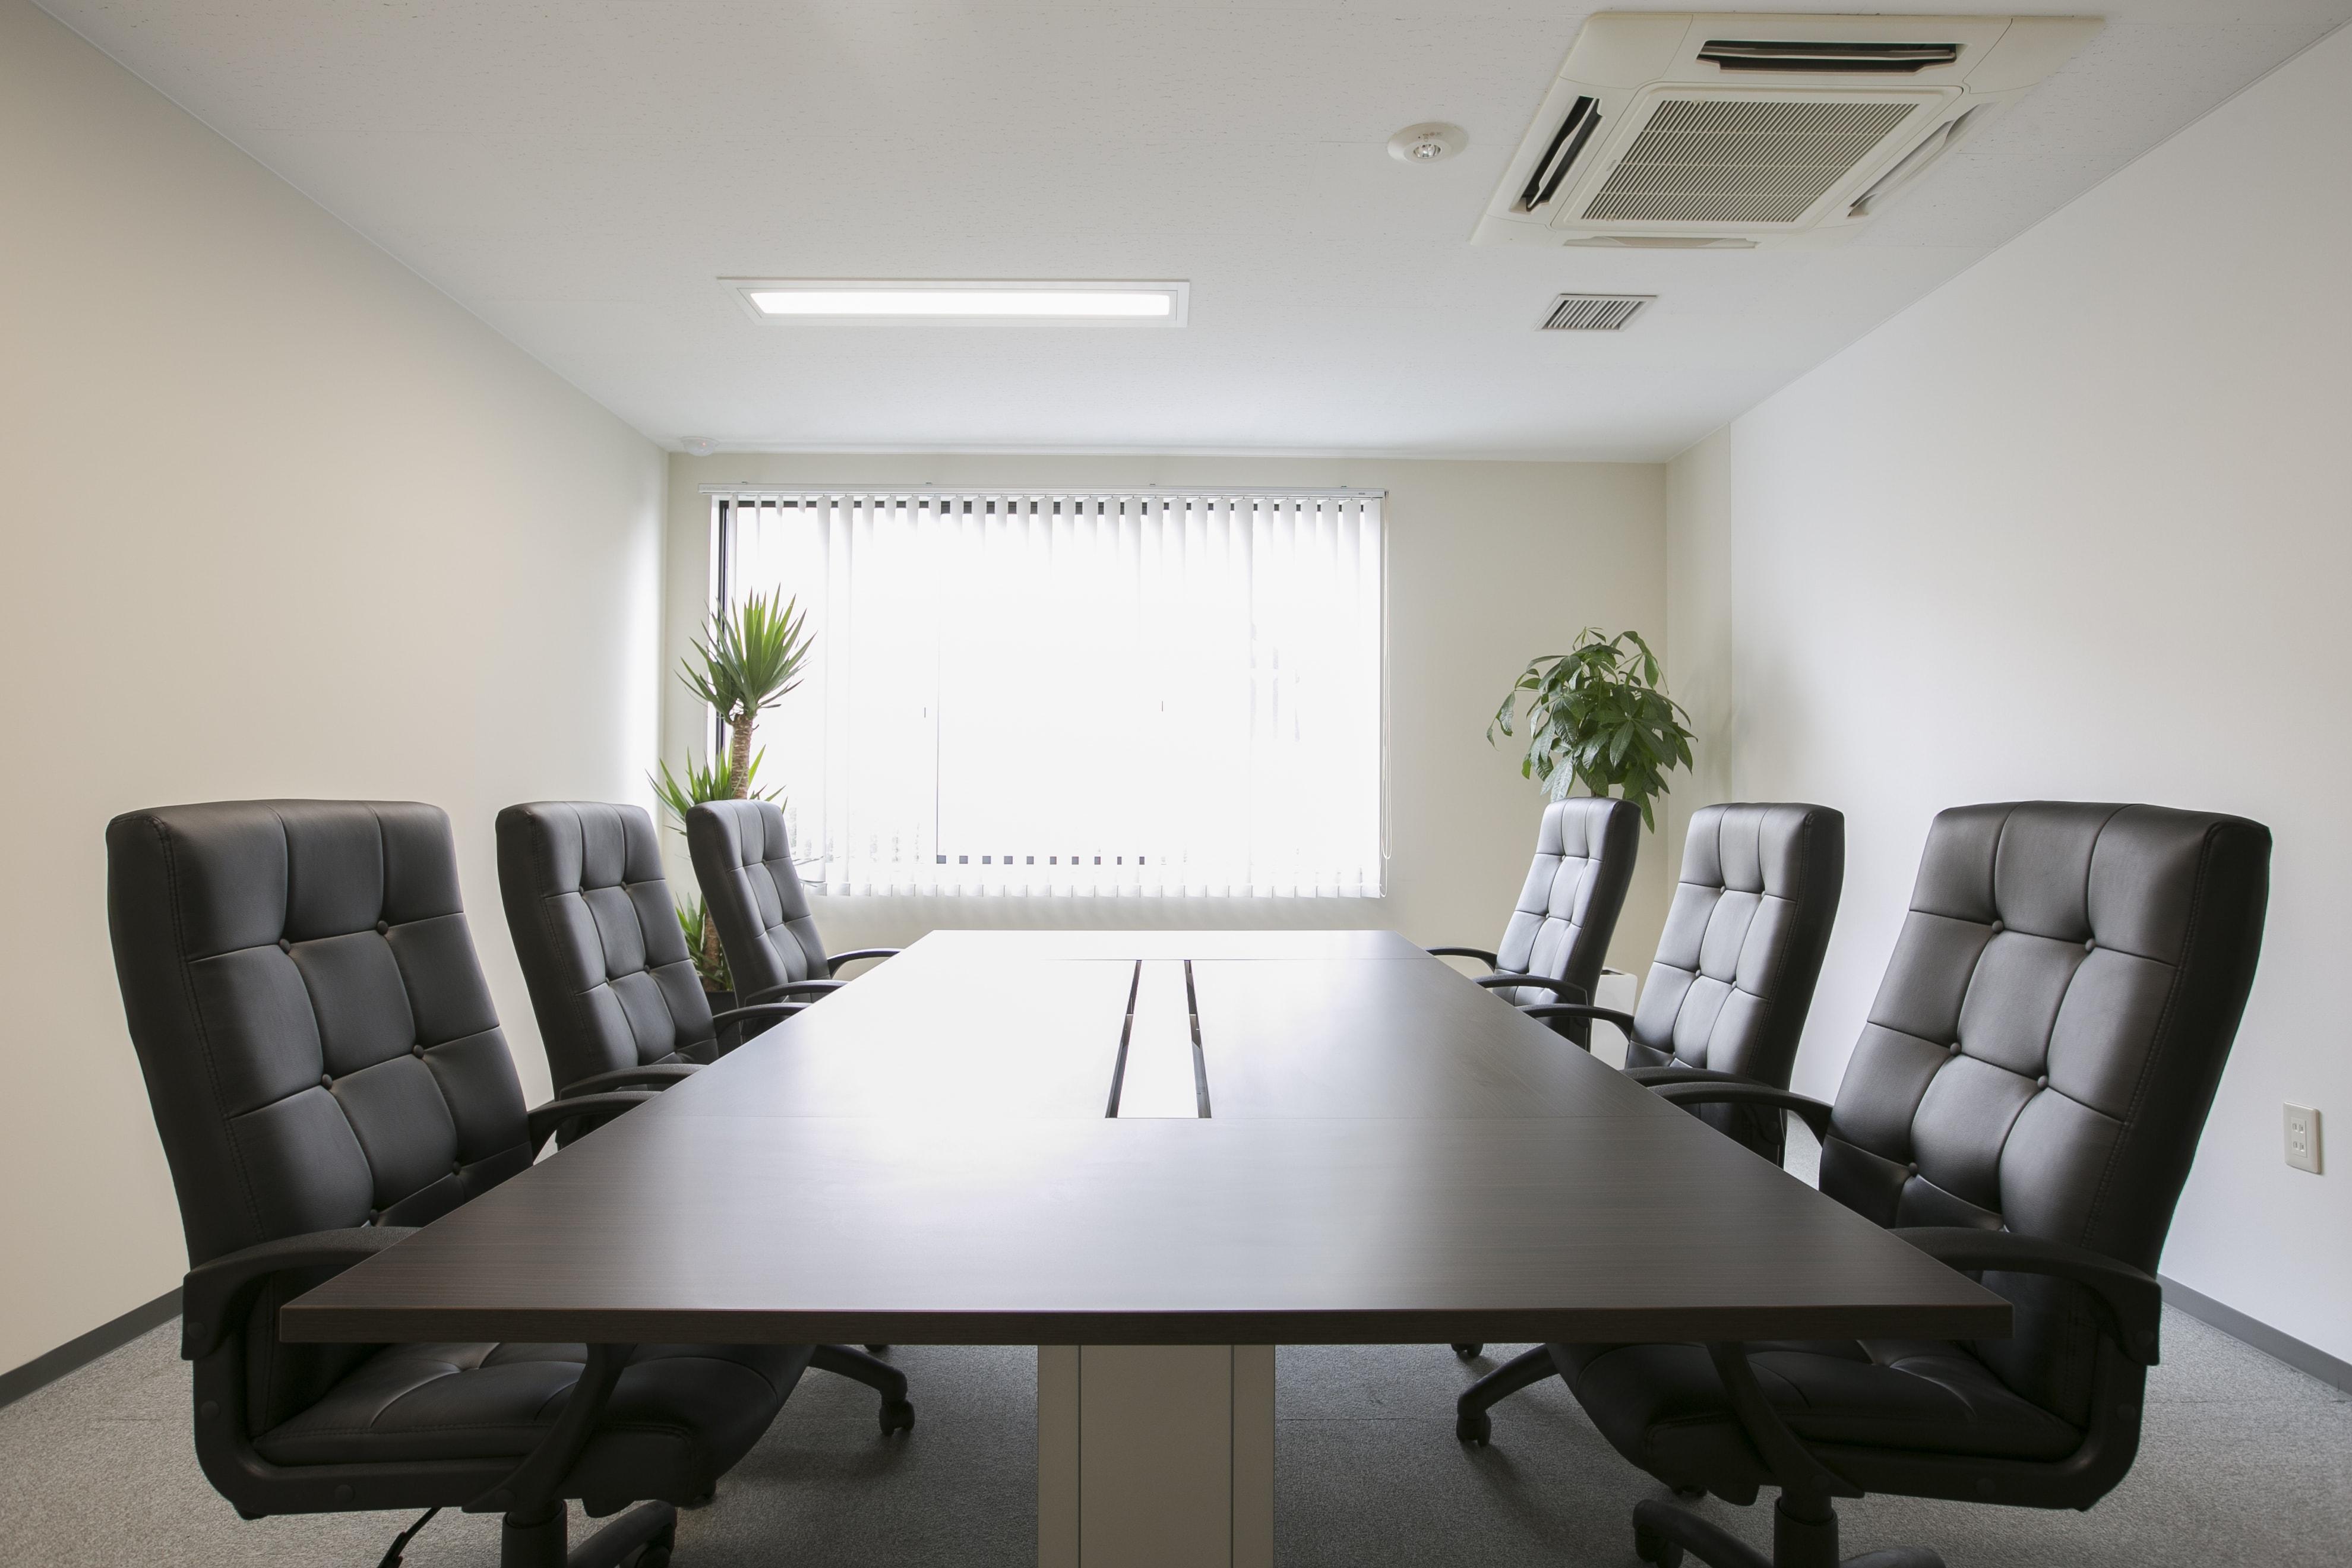 FUJITA税理士法人 会議室